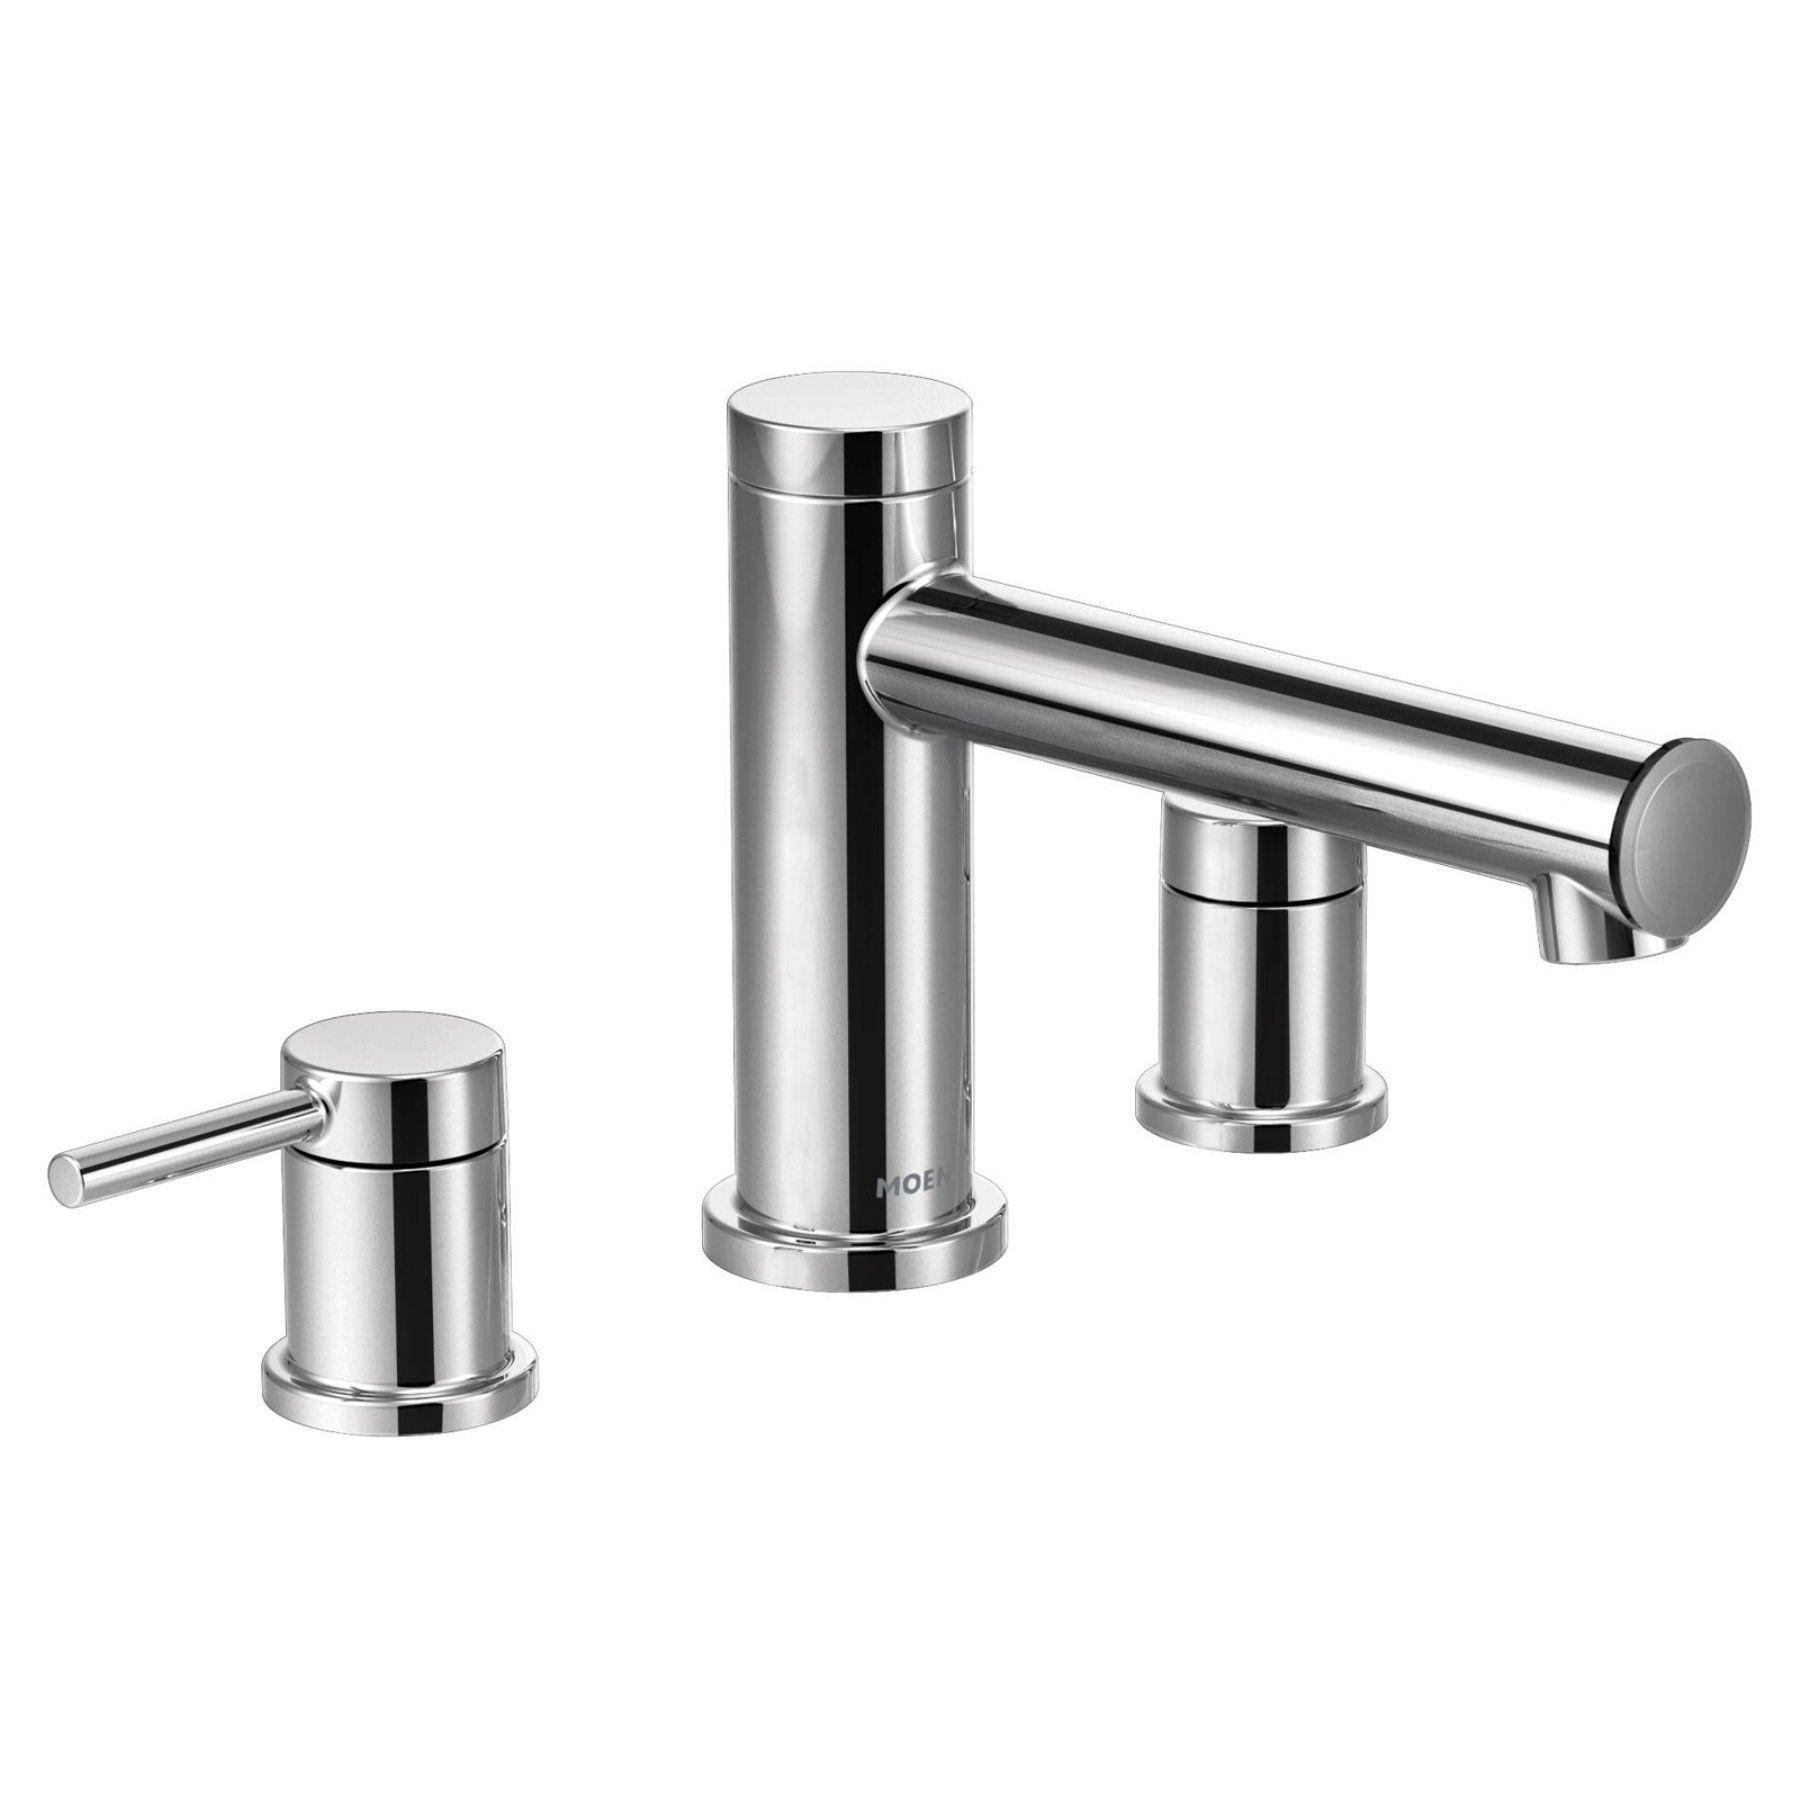 Moen Align Chrome Two Handle Non Diverter Roman Tub Faucet